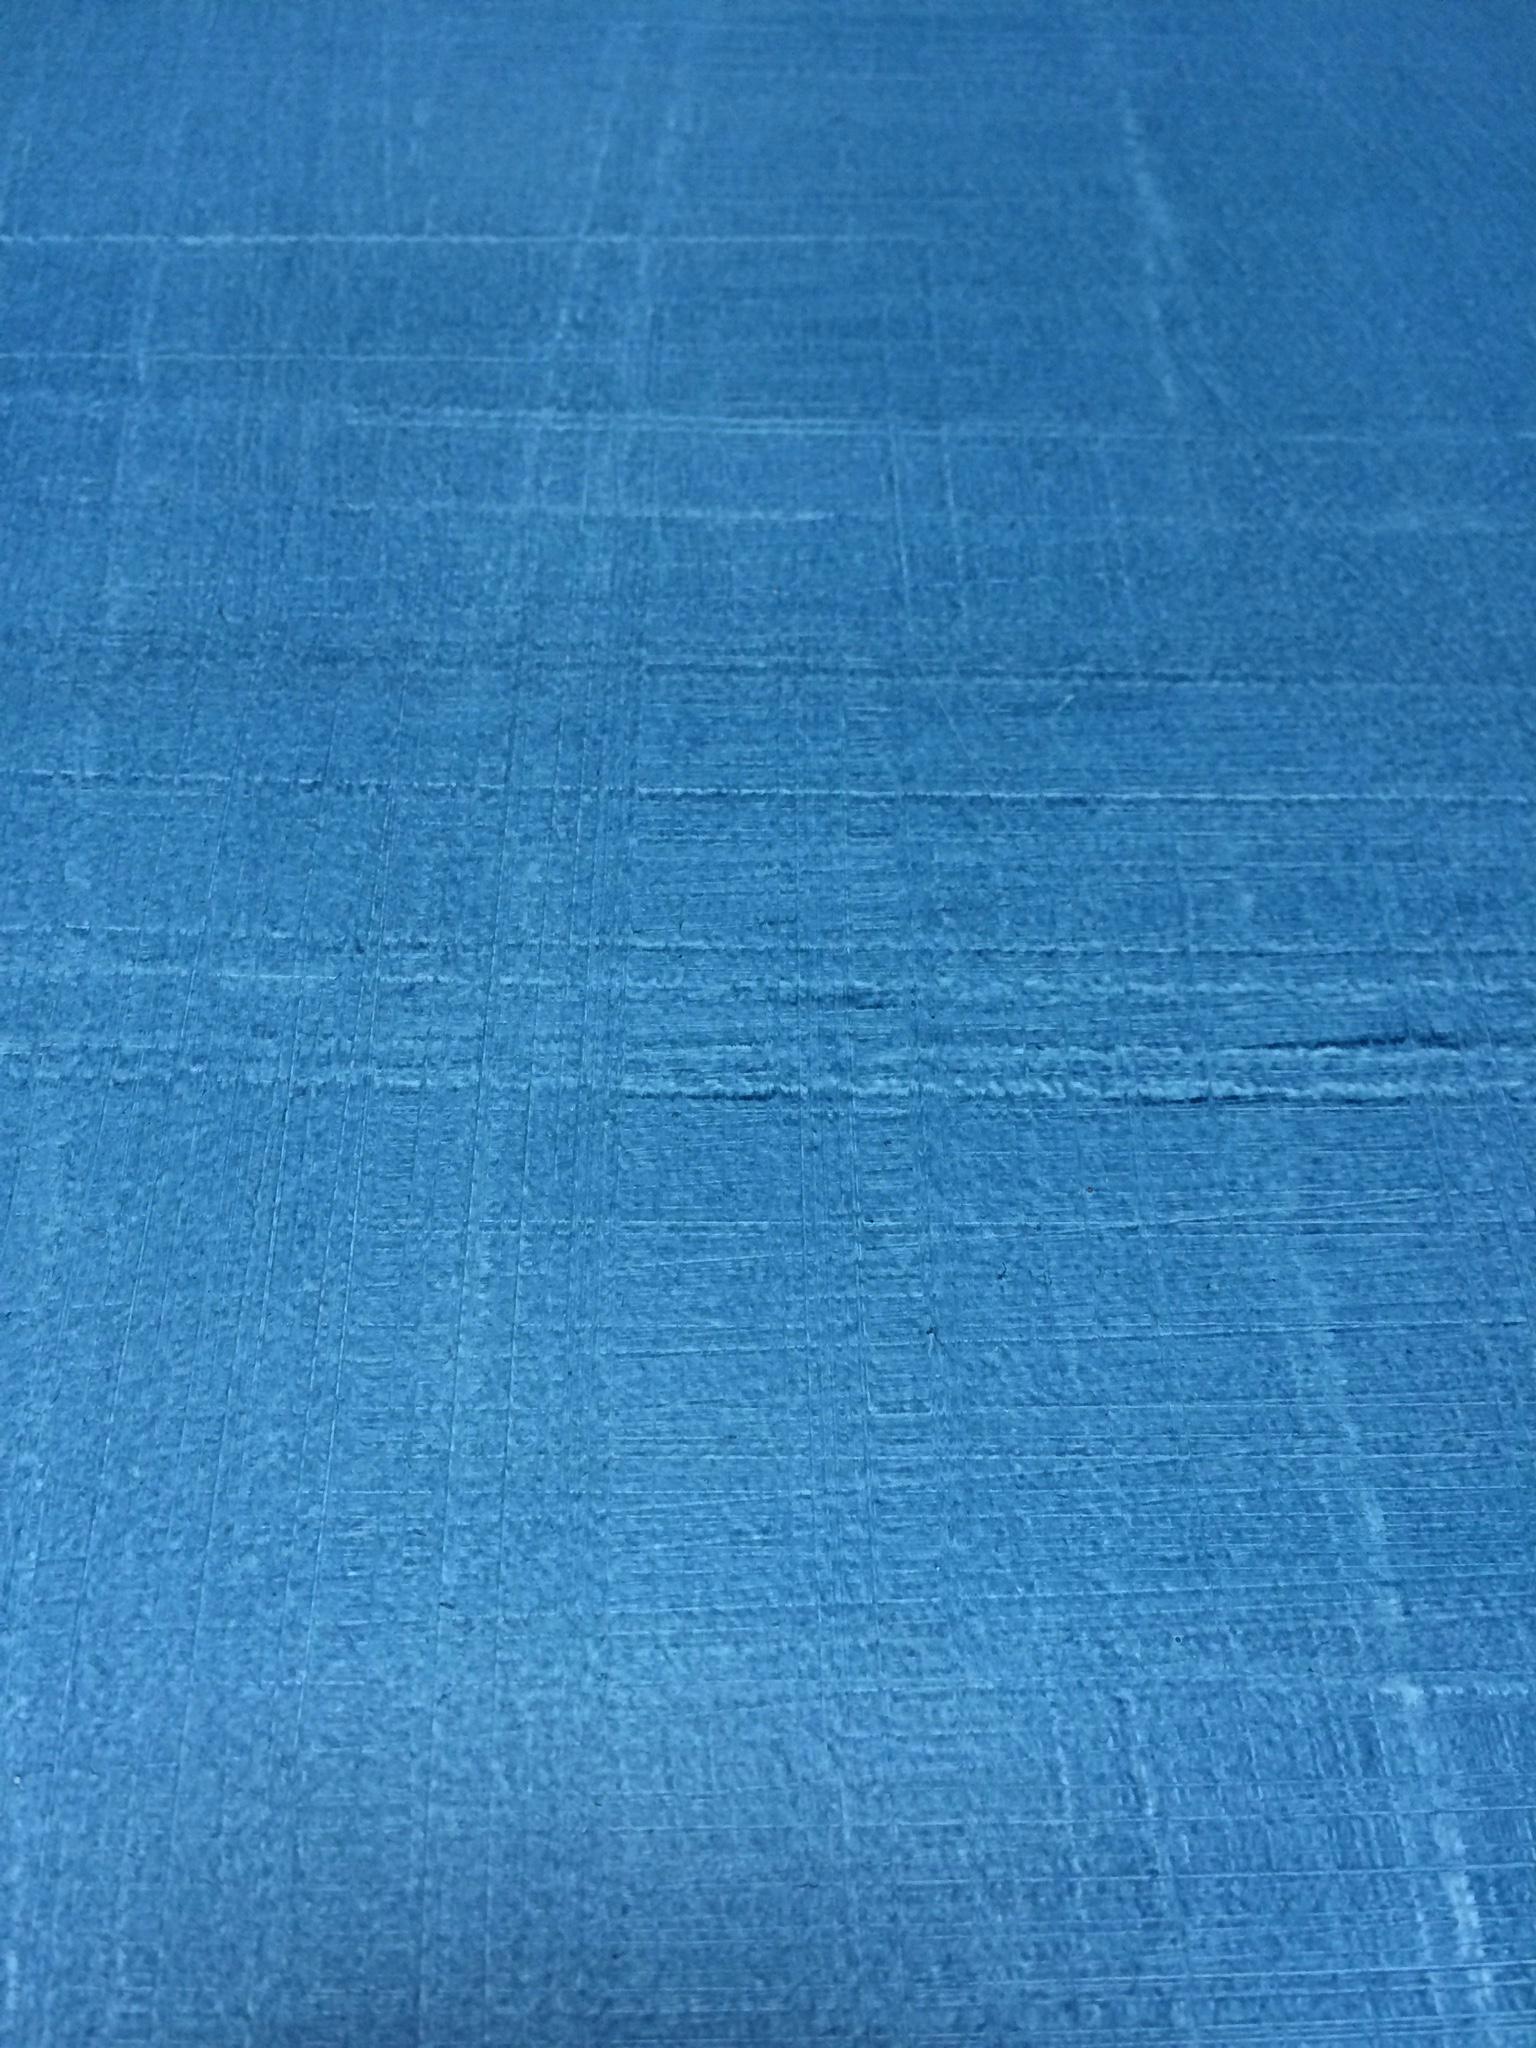 1 benjamin moore paints denim effect wall decorating home decor ideas interior design malowanie scian urzadzanie mieszkania projwktowanie wnetrz pomysly do domu sciana z dzinsu jeans wall